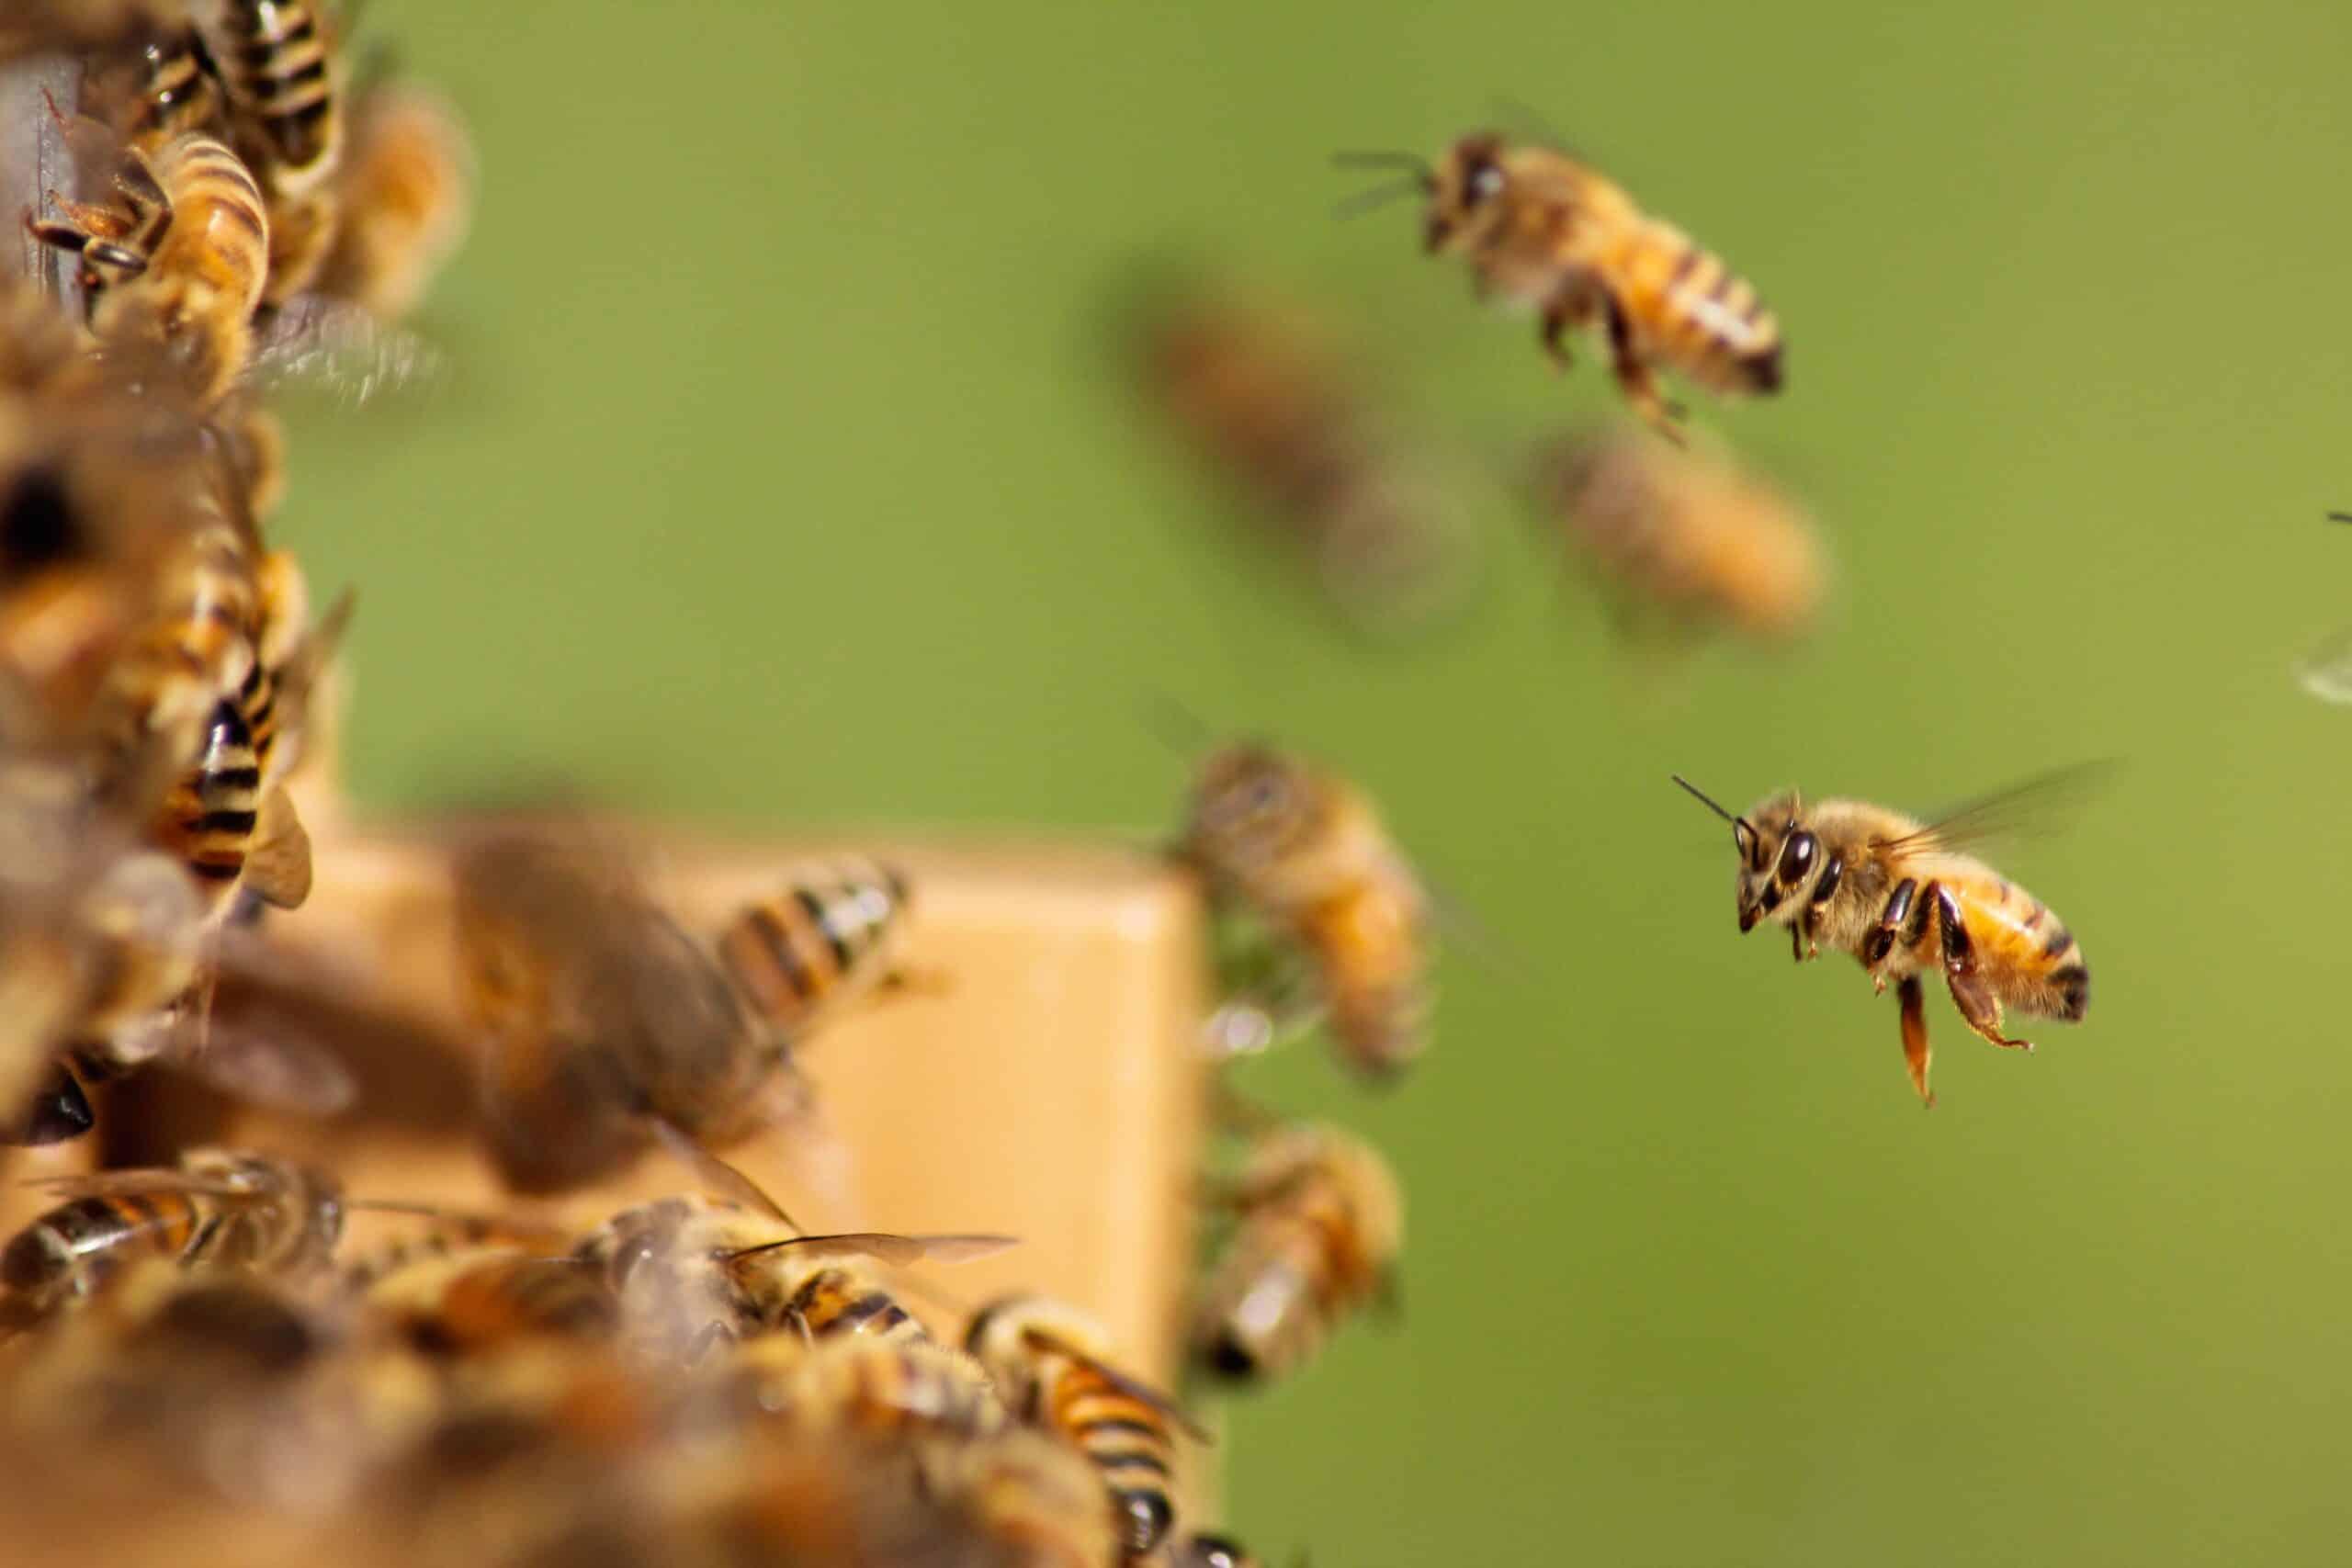 , Salvemos a las abejas! 10 cosas que puedes hacer para ayudar a salvarlas